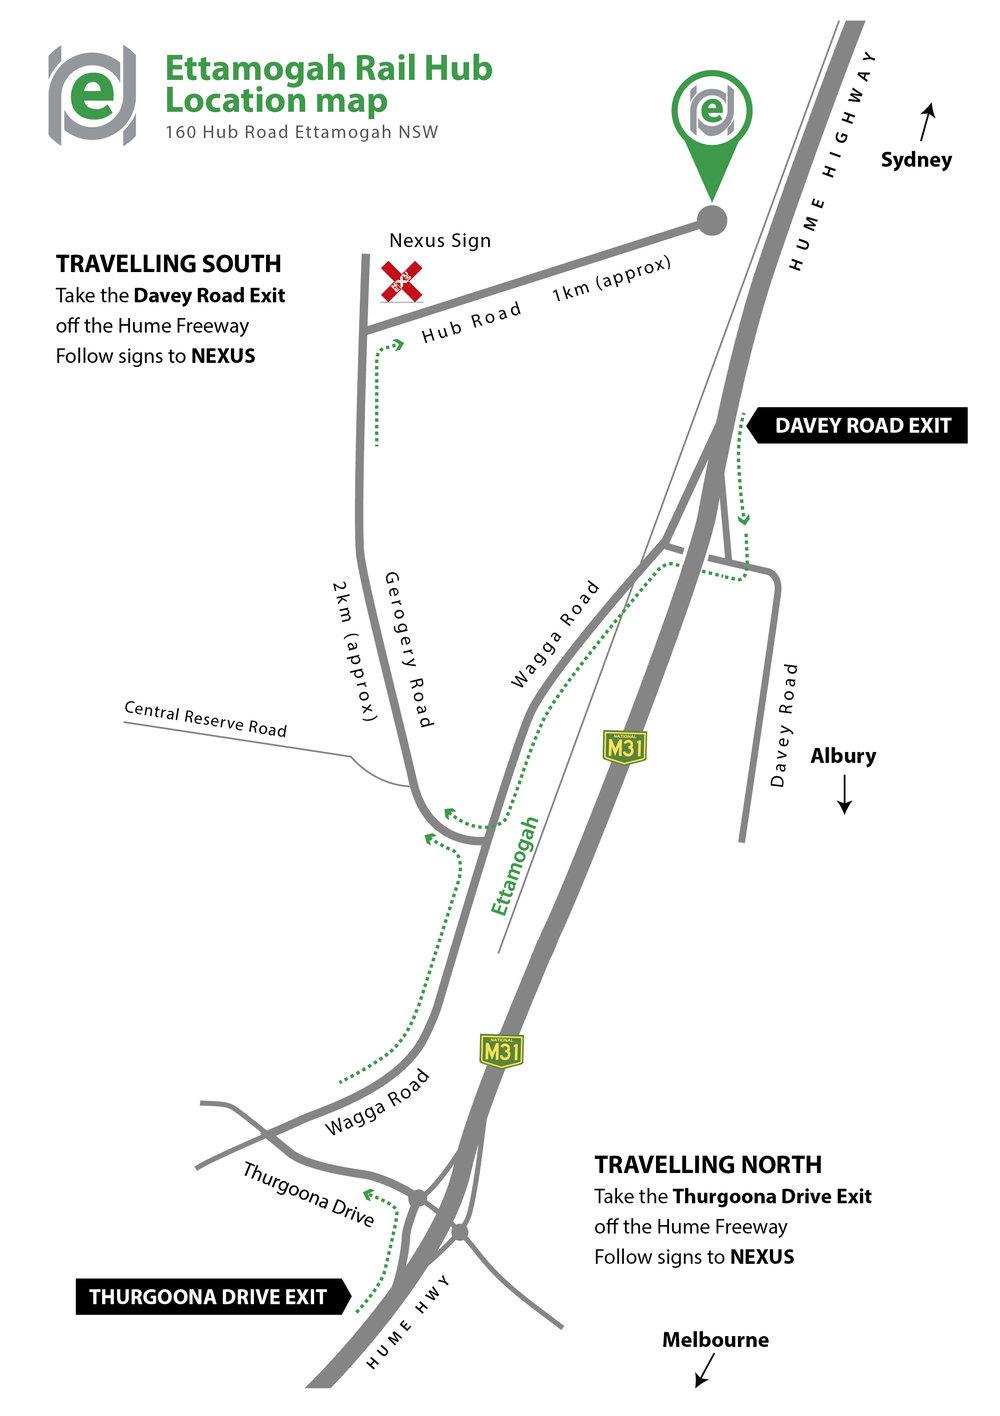 Ettamogah Rail Hub map.jpg